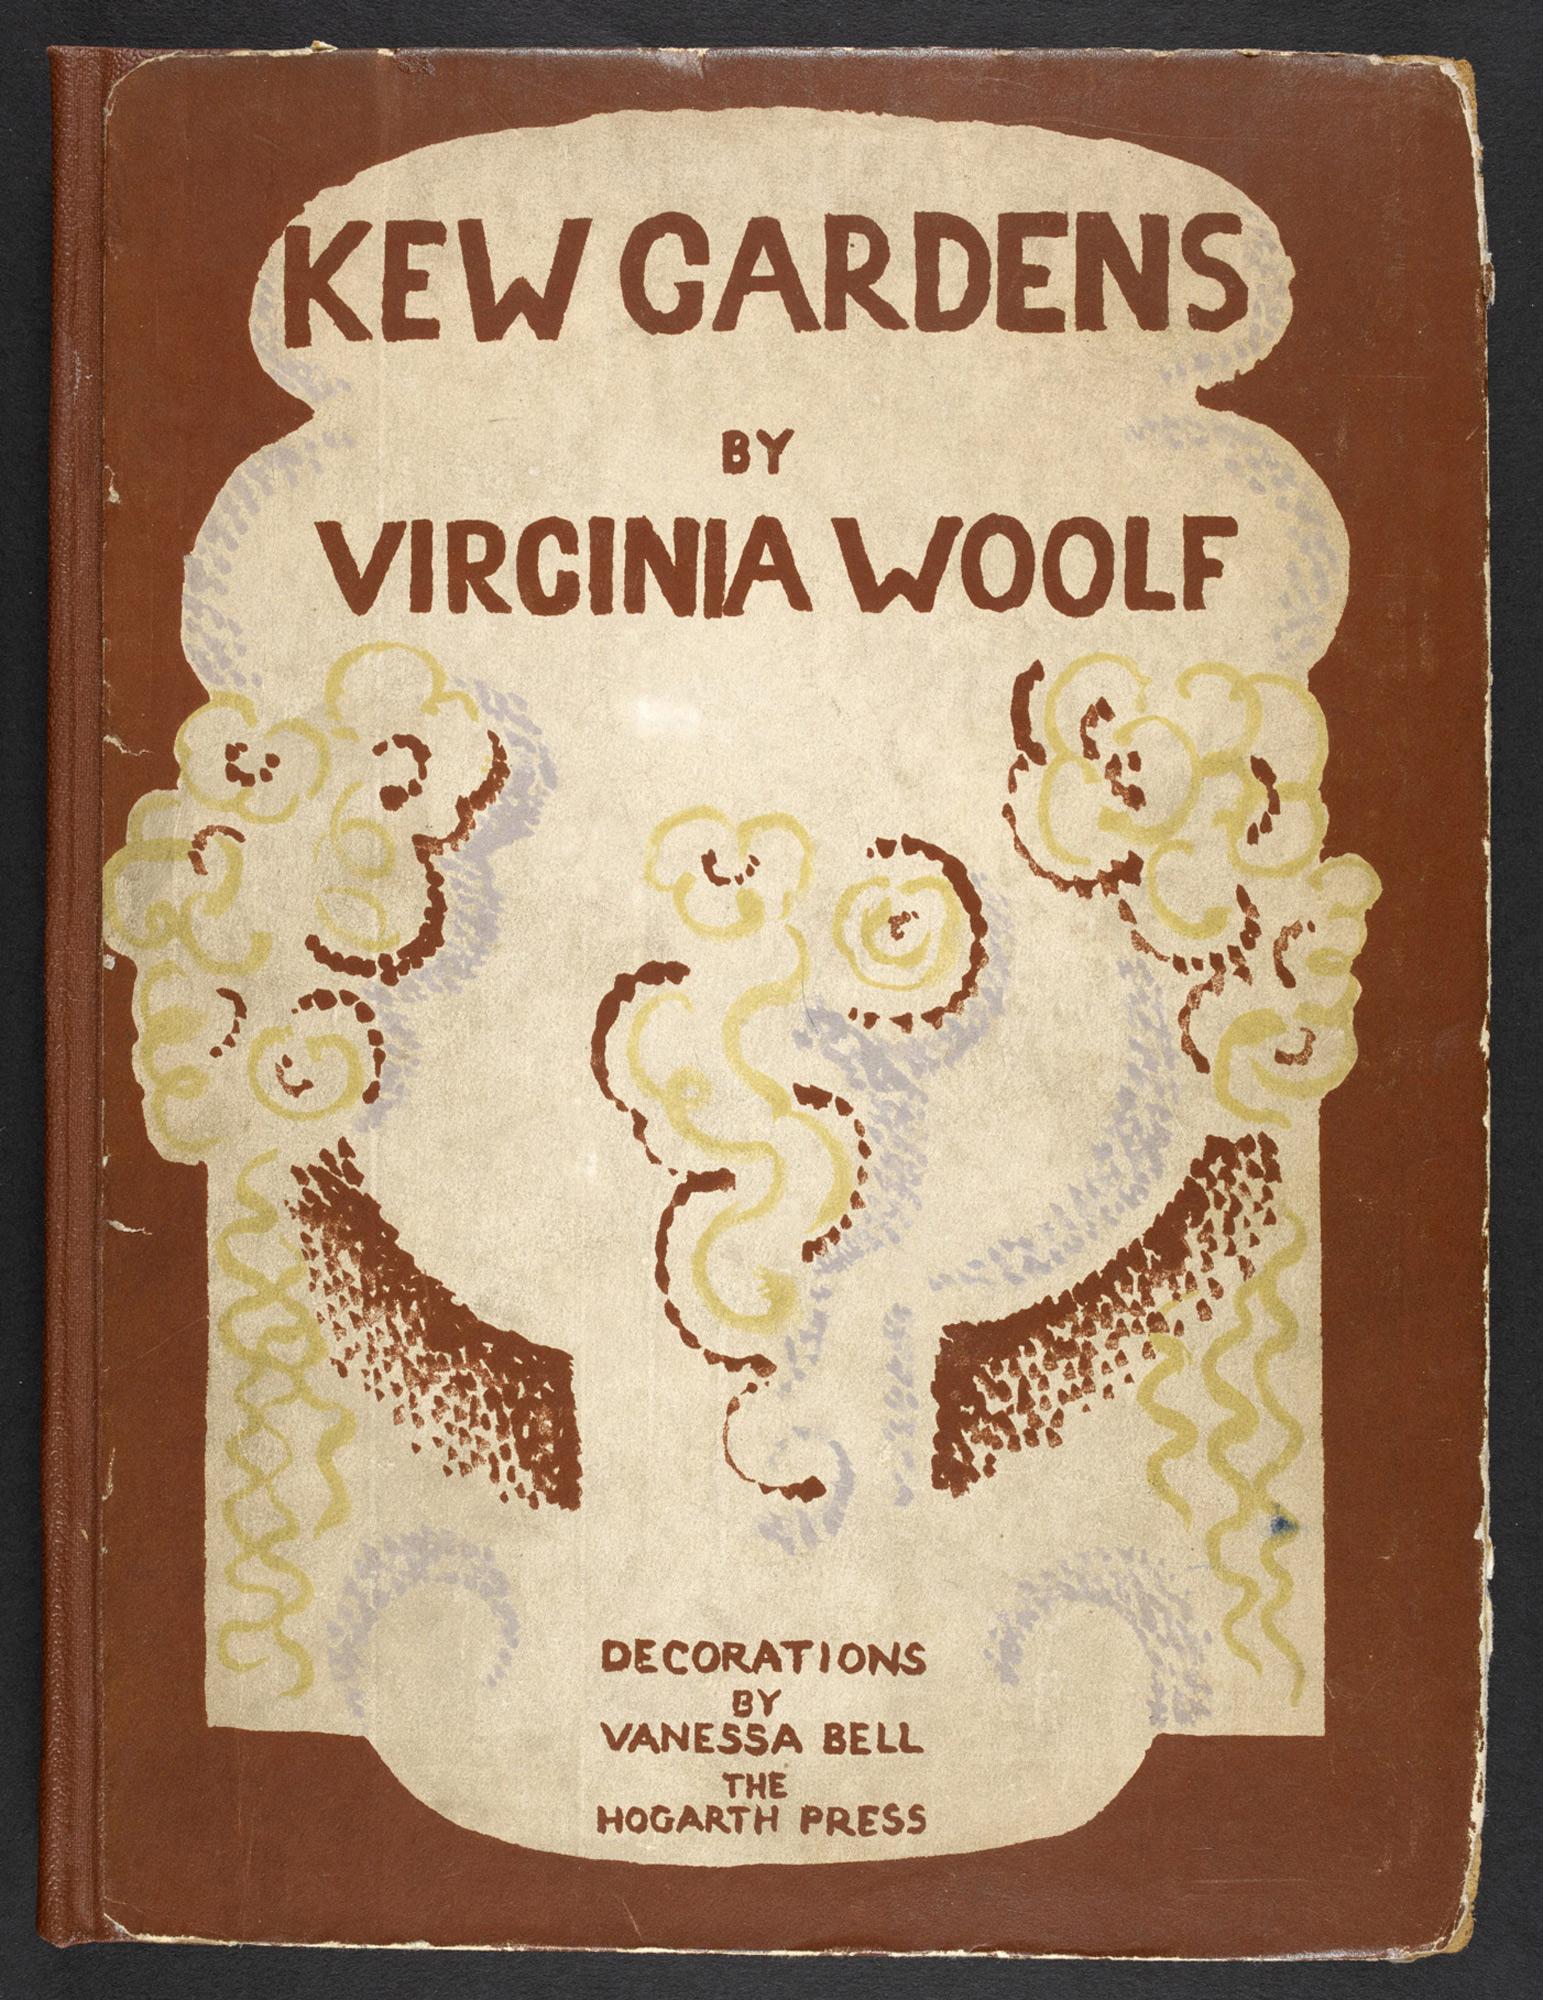 Kew Gardens by Virginia Woolf, 1927